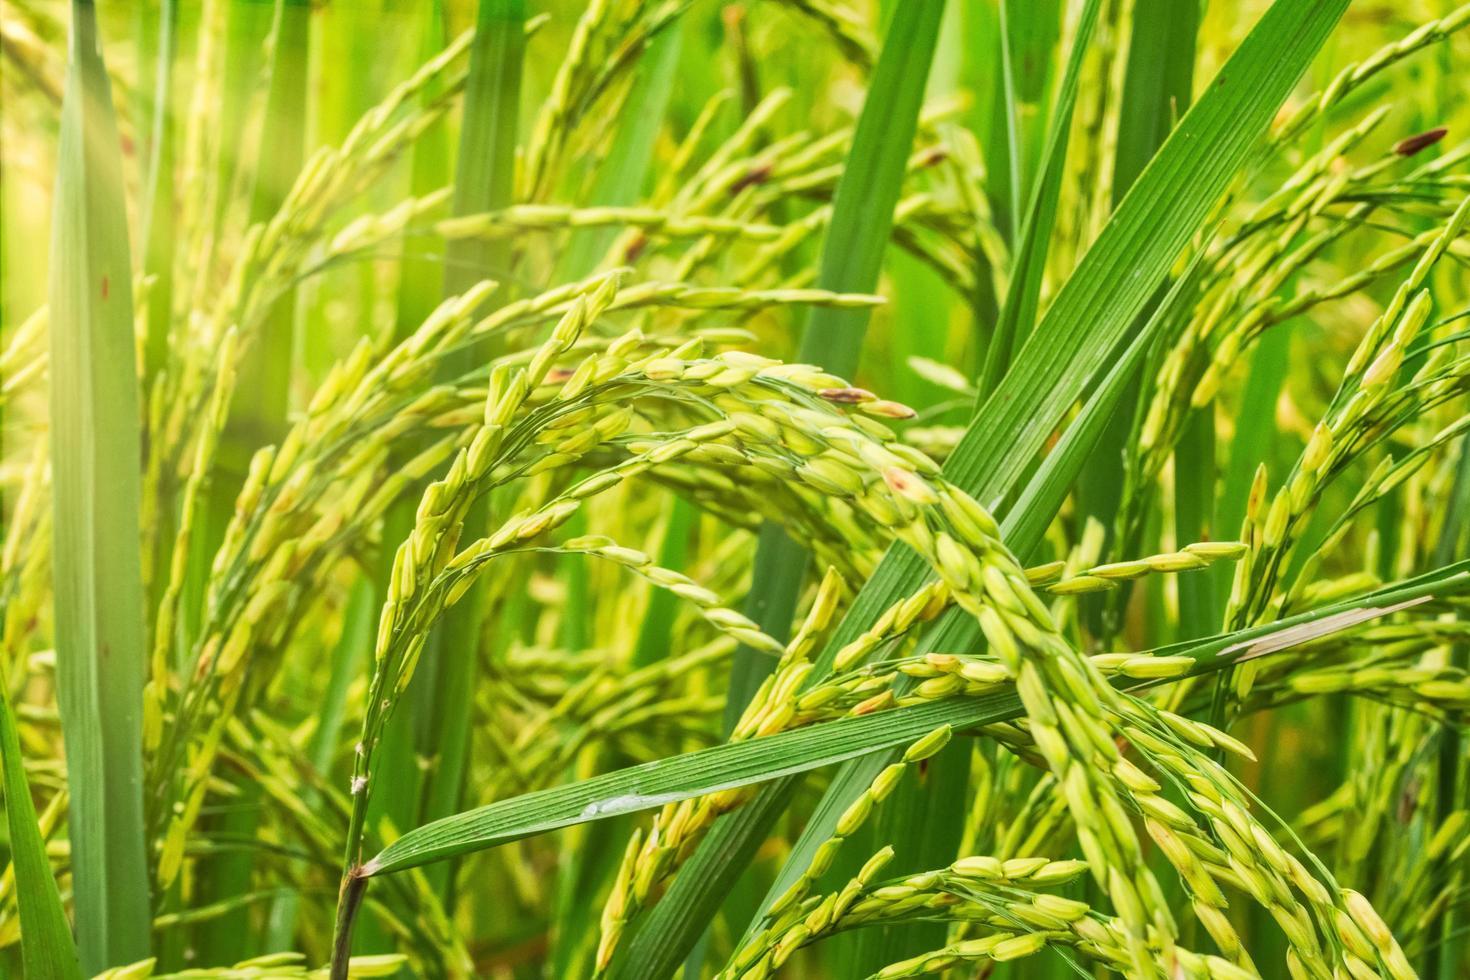 groene rijst veld close-up foto